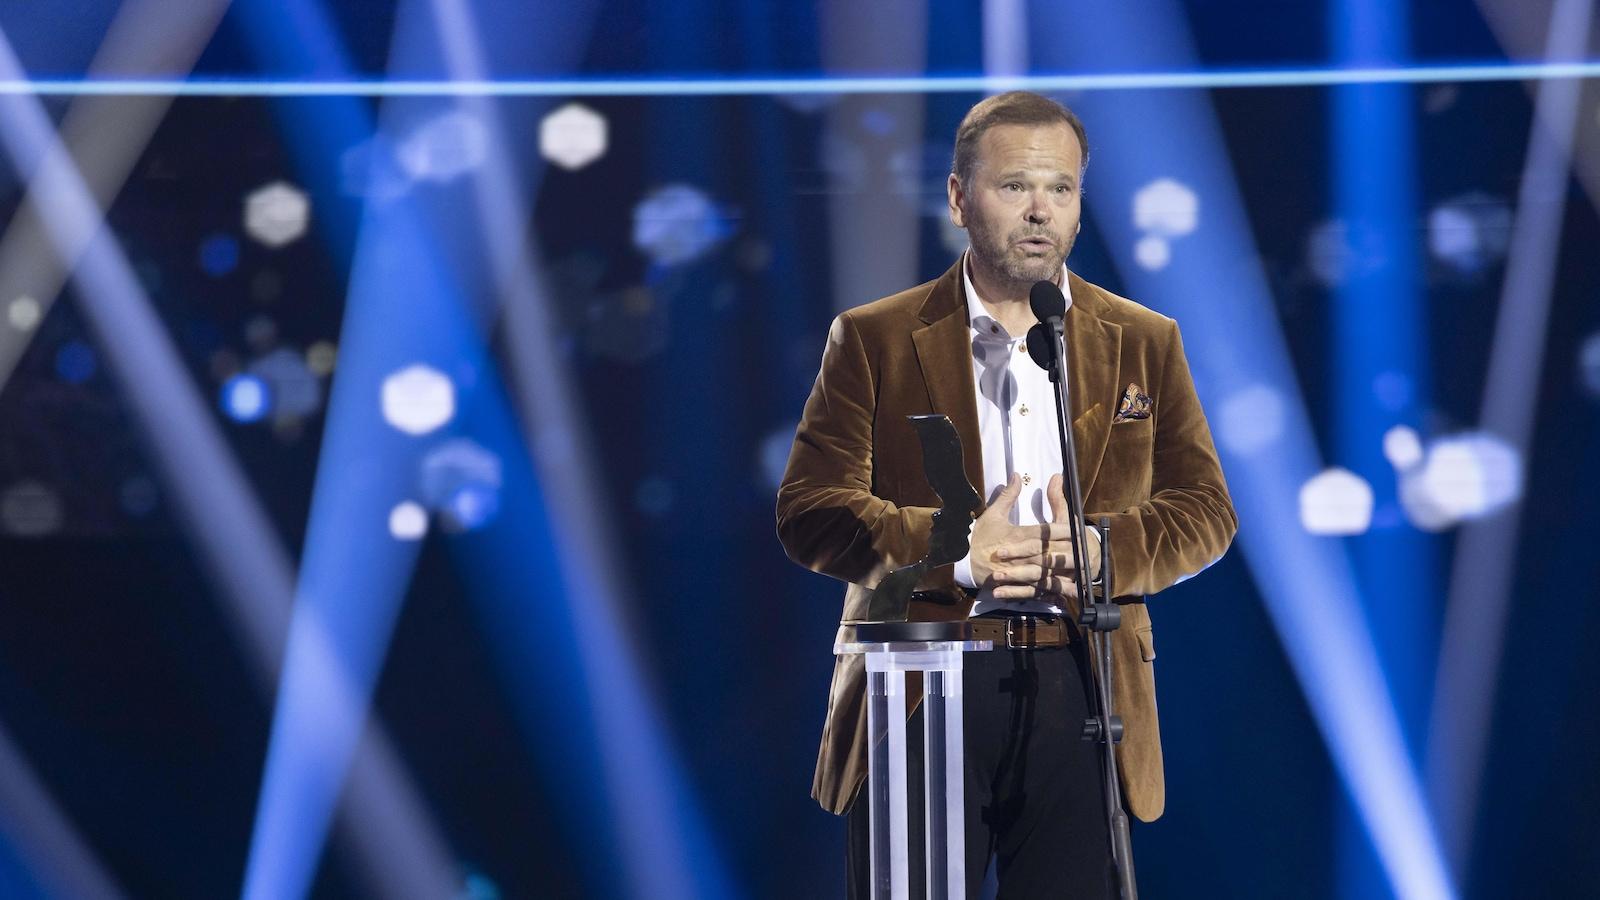 Un homme en veston brun fait ses remerciements devant un piédestal sur scène.